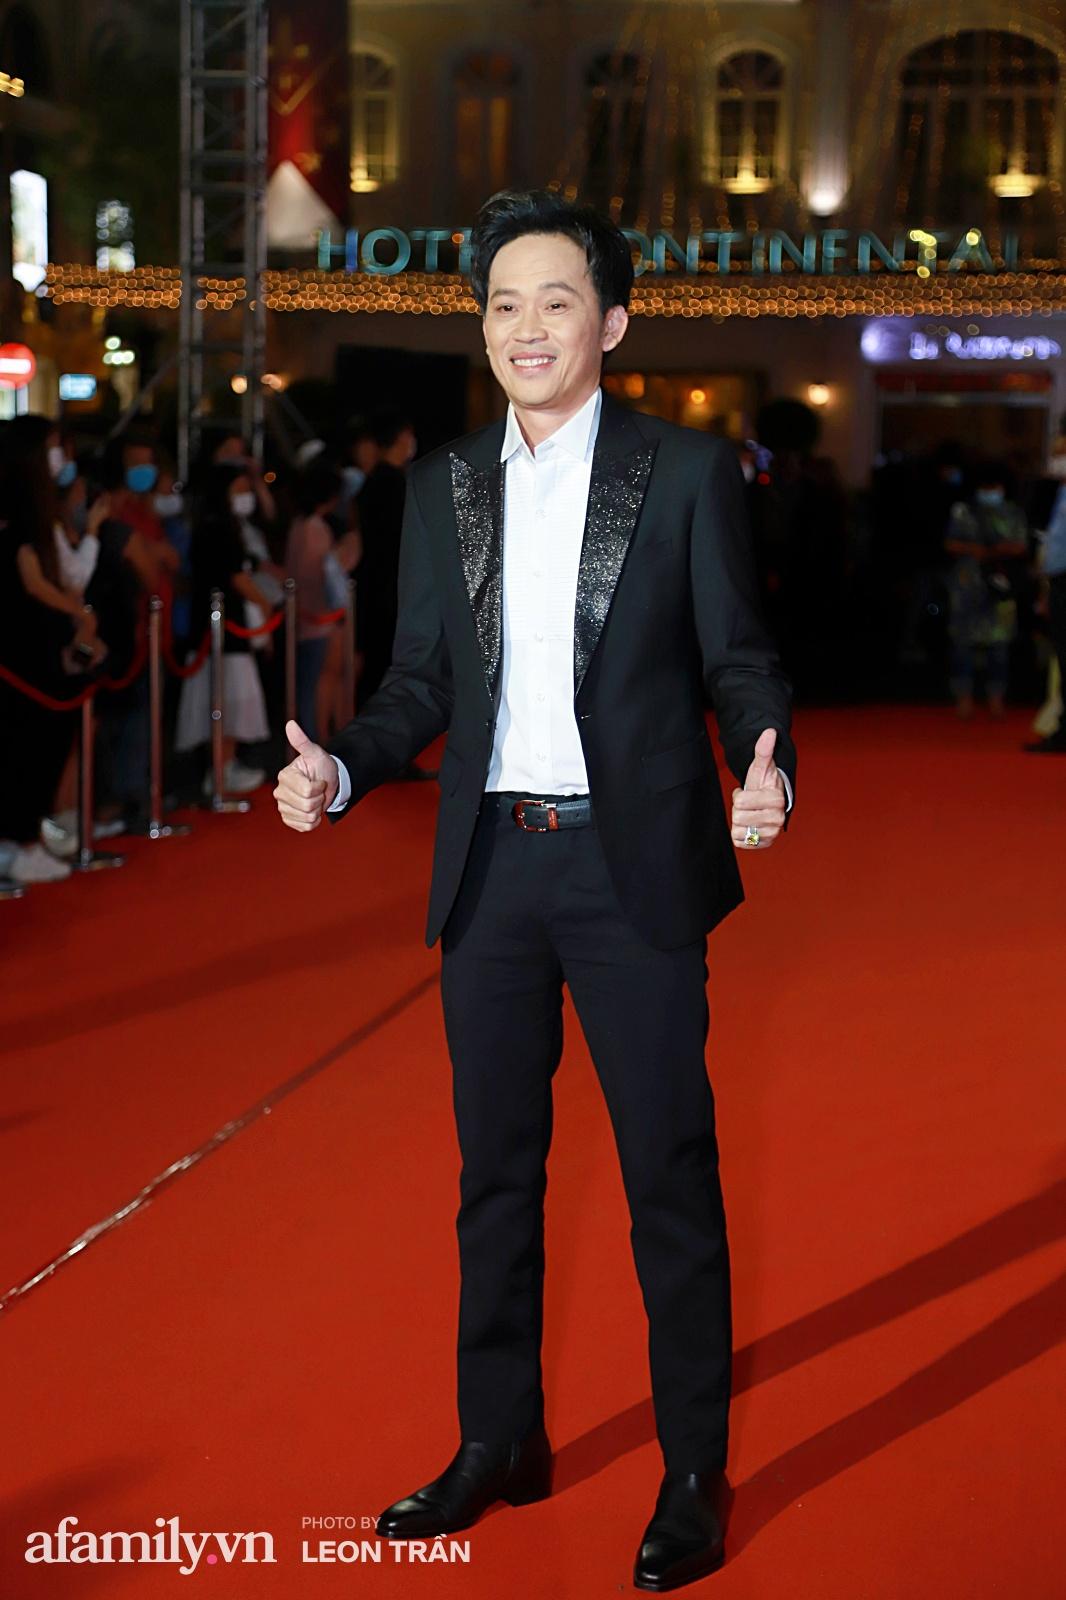 Thảm đỏ lễ trao giải Mai Vàng 26: Nghệ sĩ Hoài Linh gượng cười sau nhiều biến cố, Minh Hằng khoe vòng 1 căng đầy gợi cảm-3